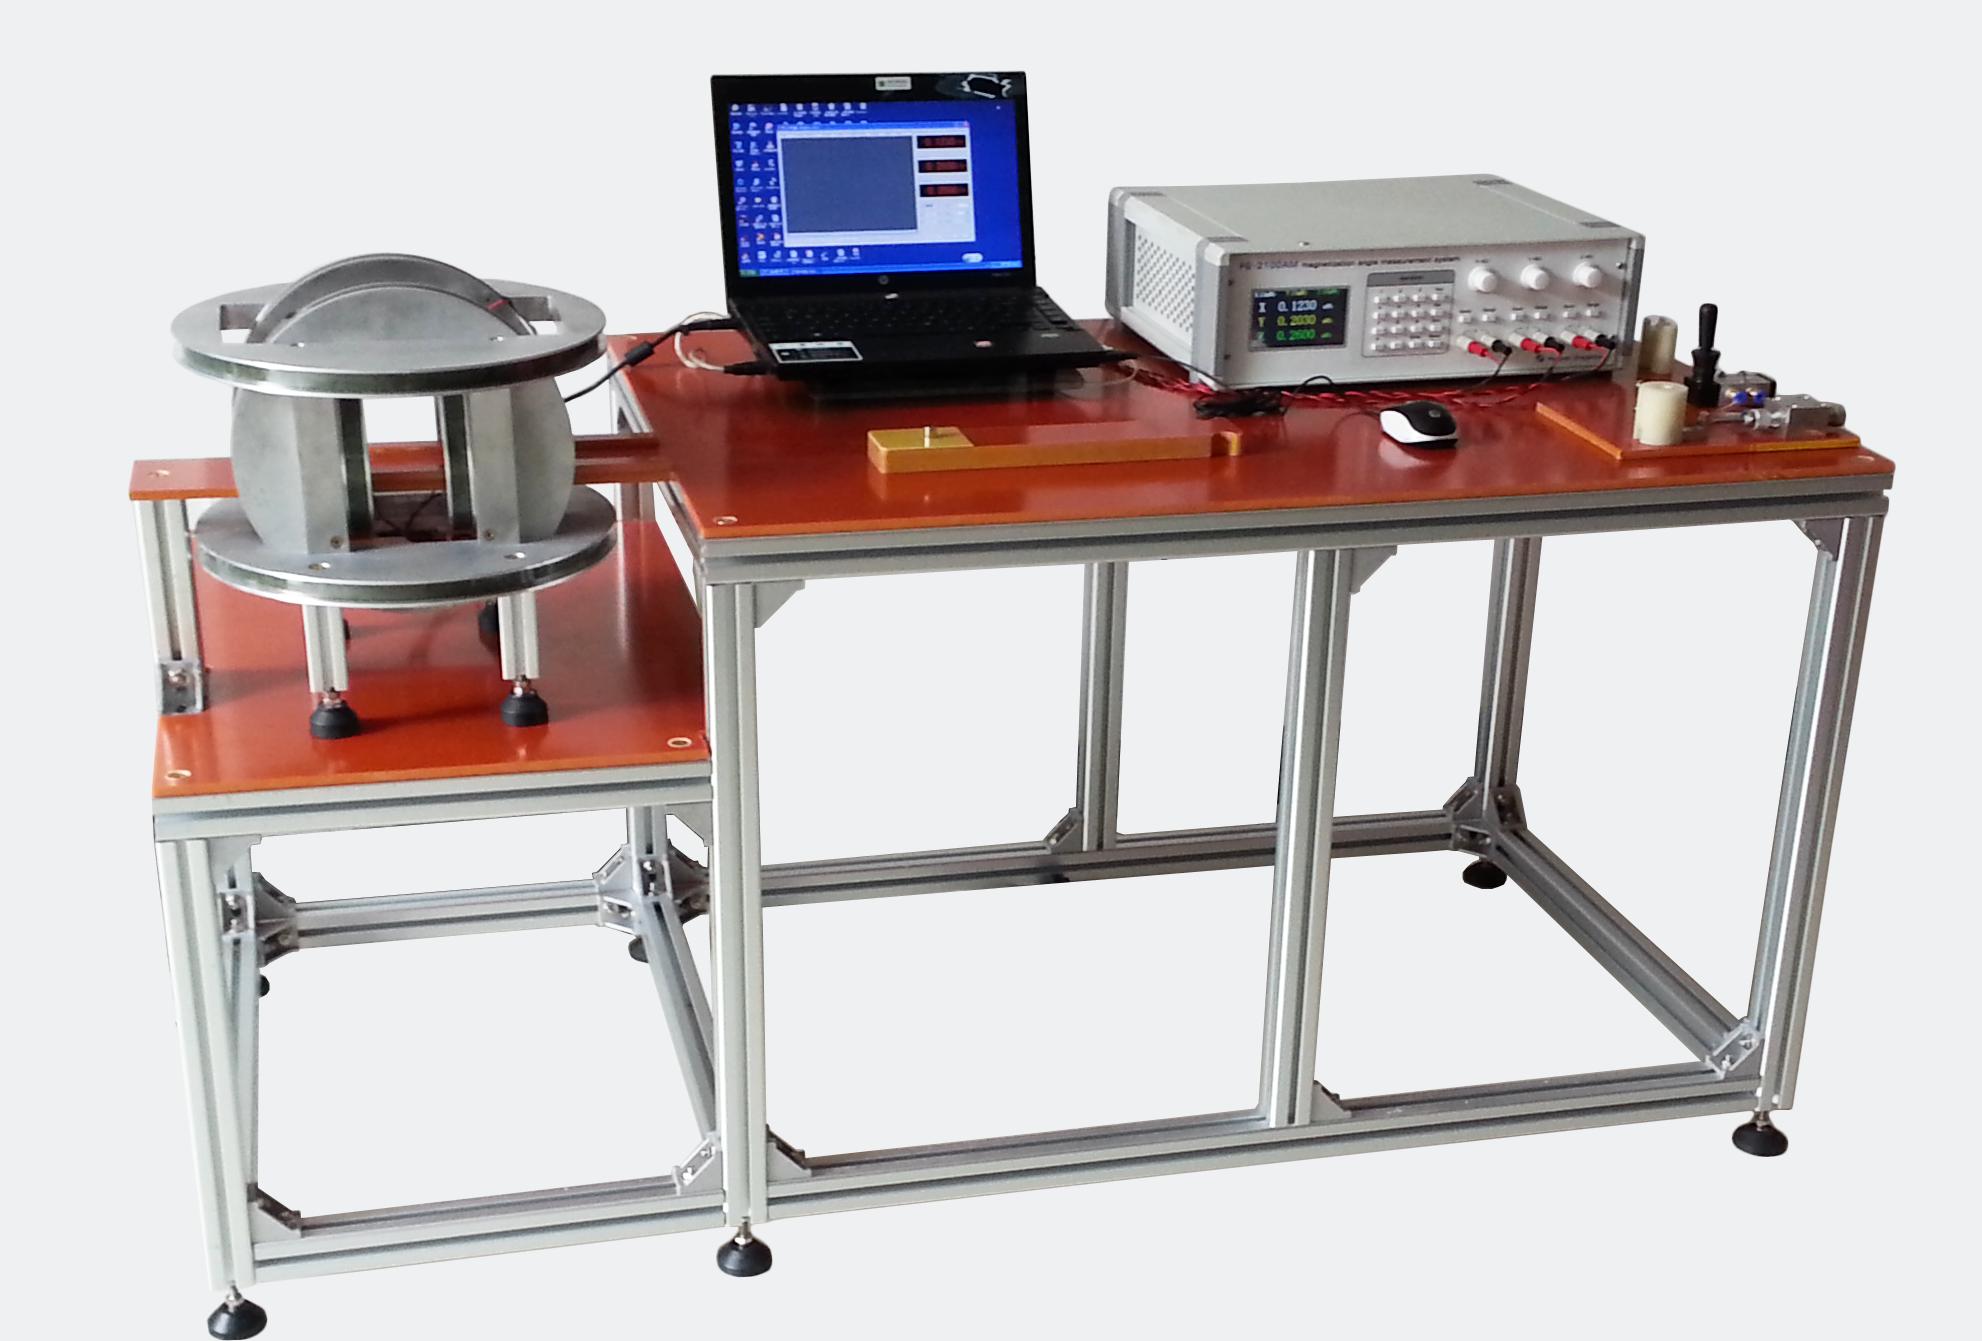 gogm��Z[���H��术_gm-2100h3a磁偏角测量仪